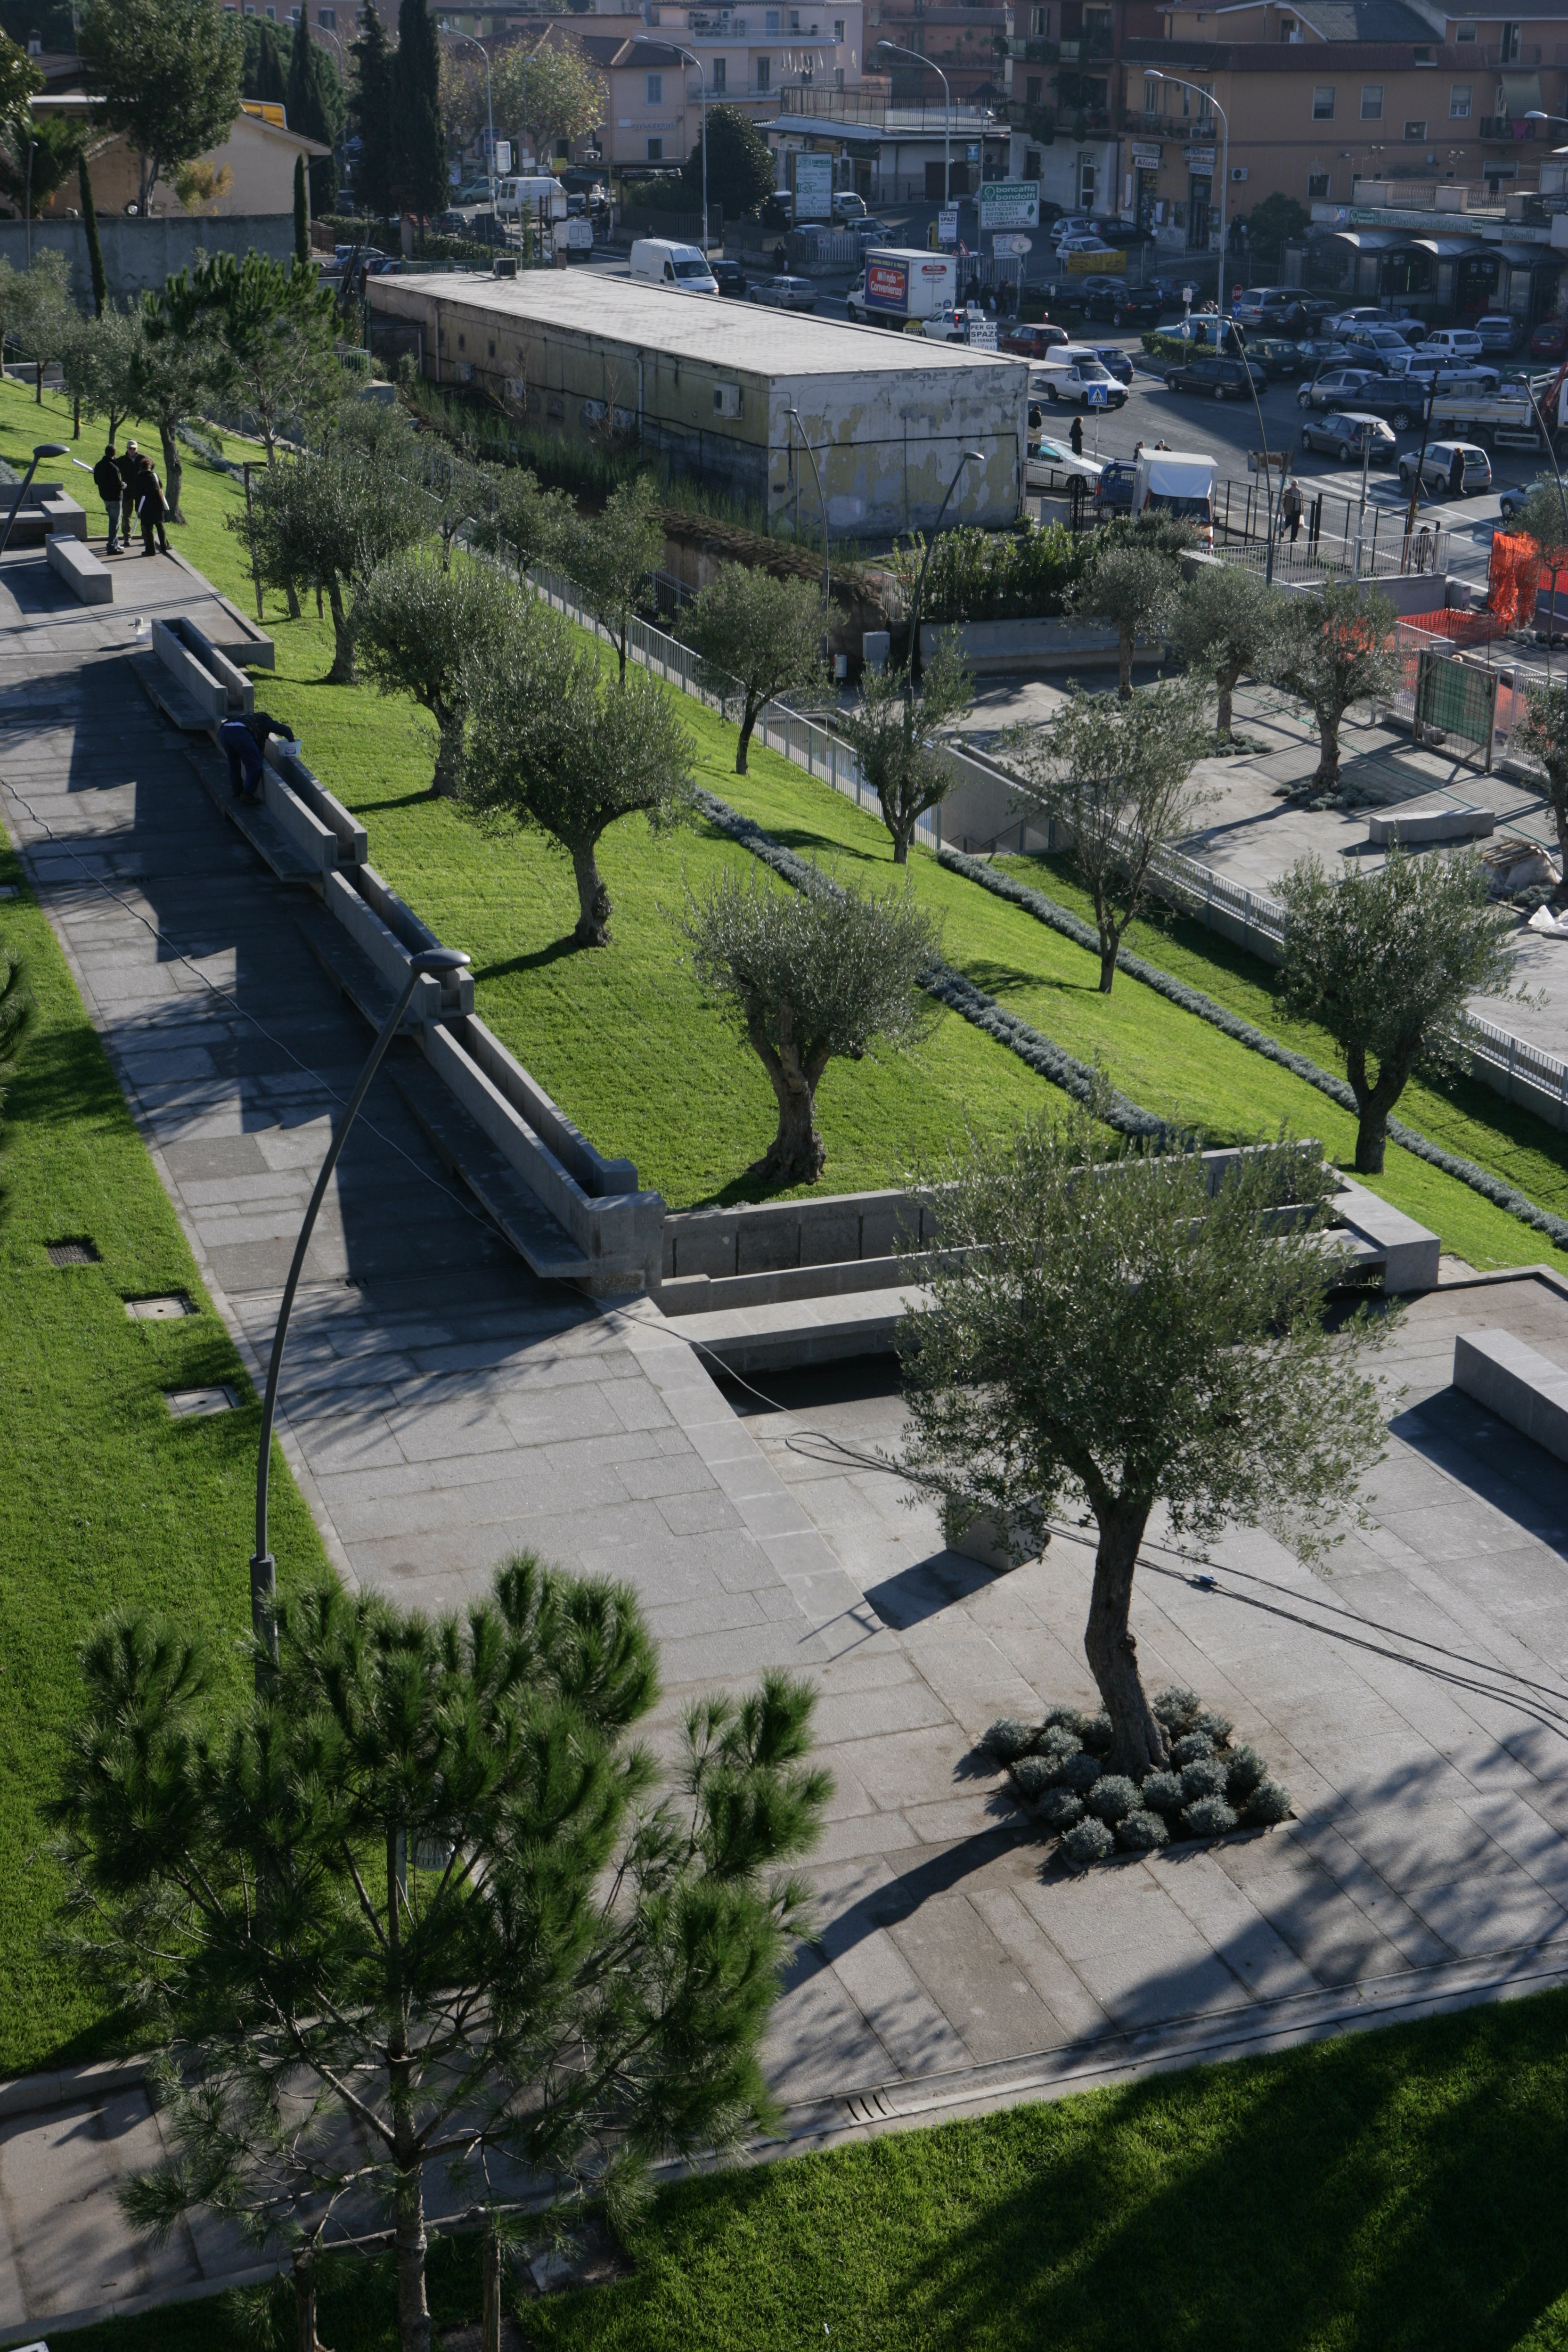 Sistemazione aree verdi con olivi e lavande sulle terrazze sfalzate del parco